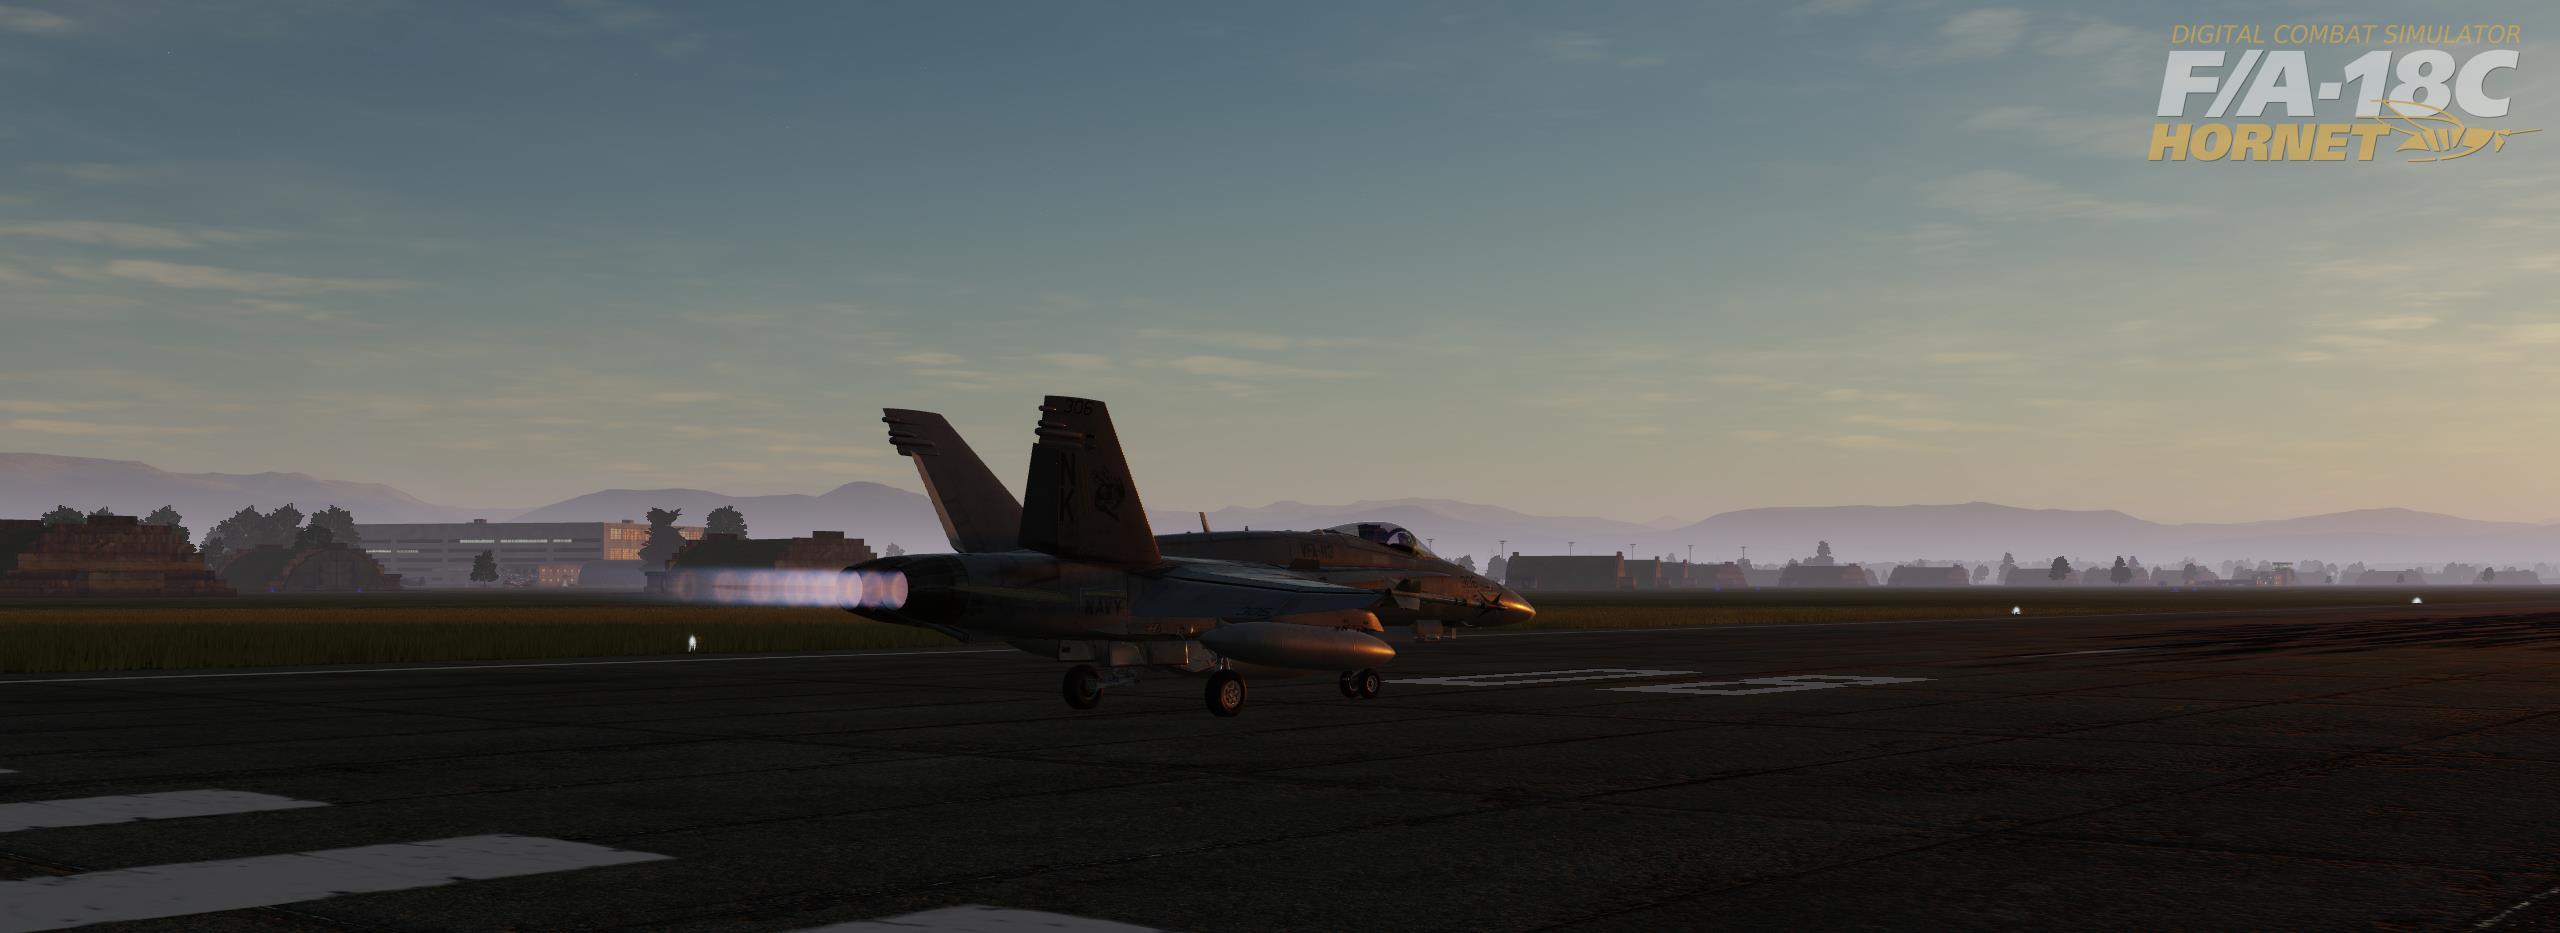 Hornet-afterburner-WIP.jpg